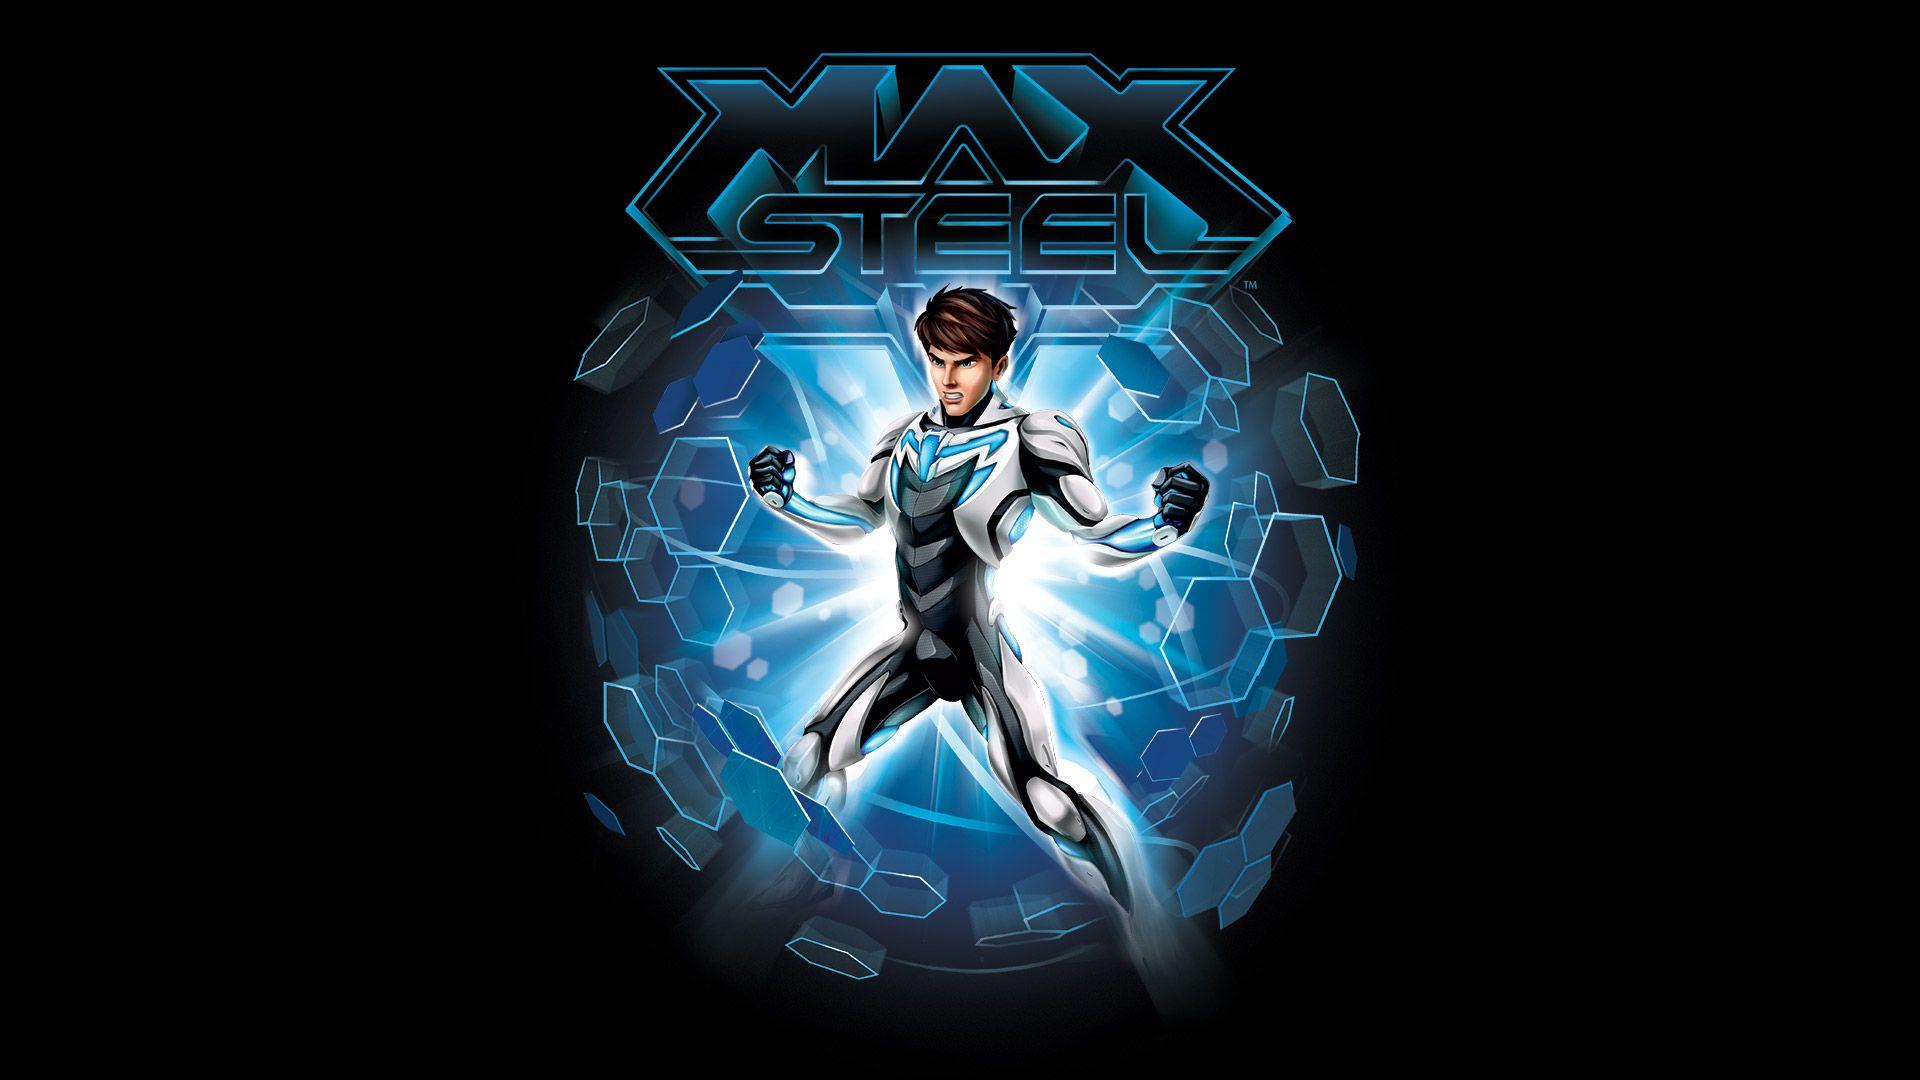 max steel 2013 movie